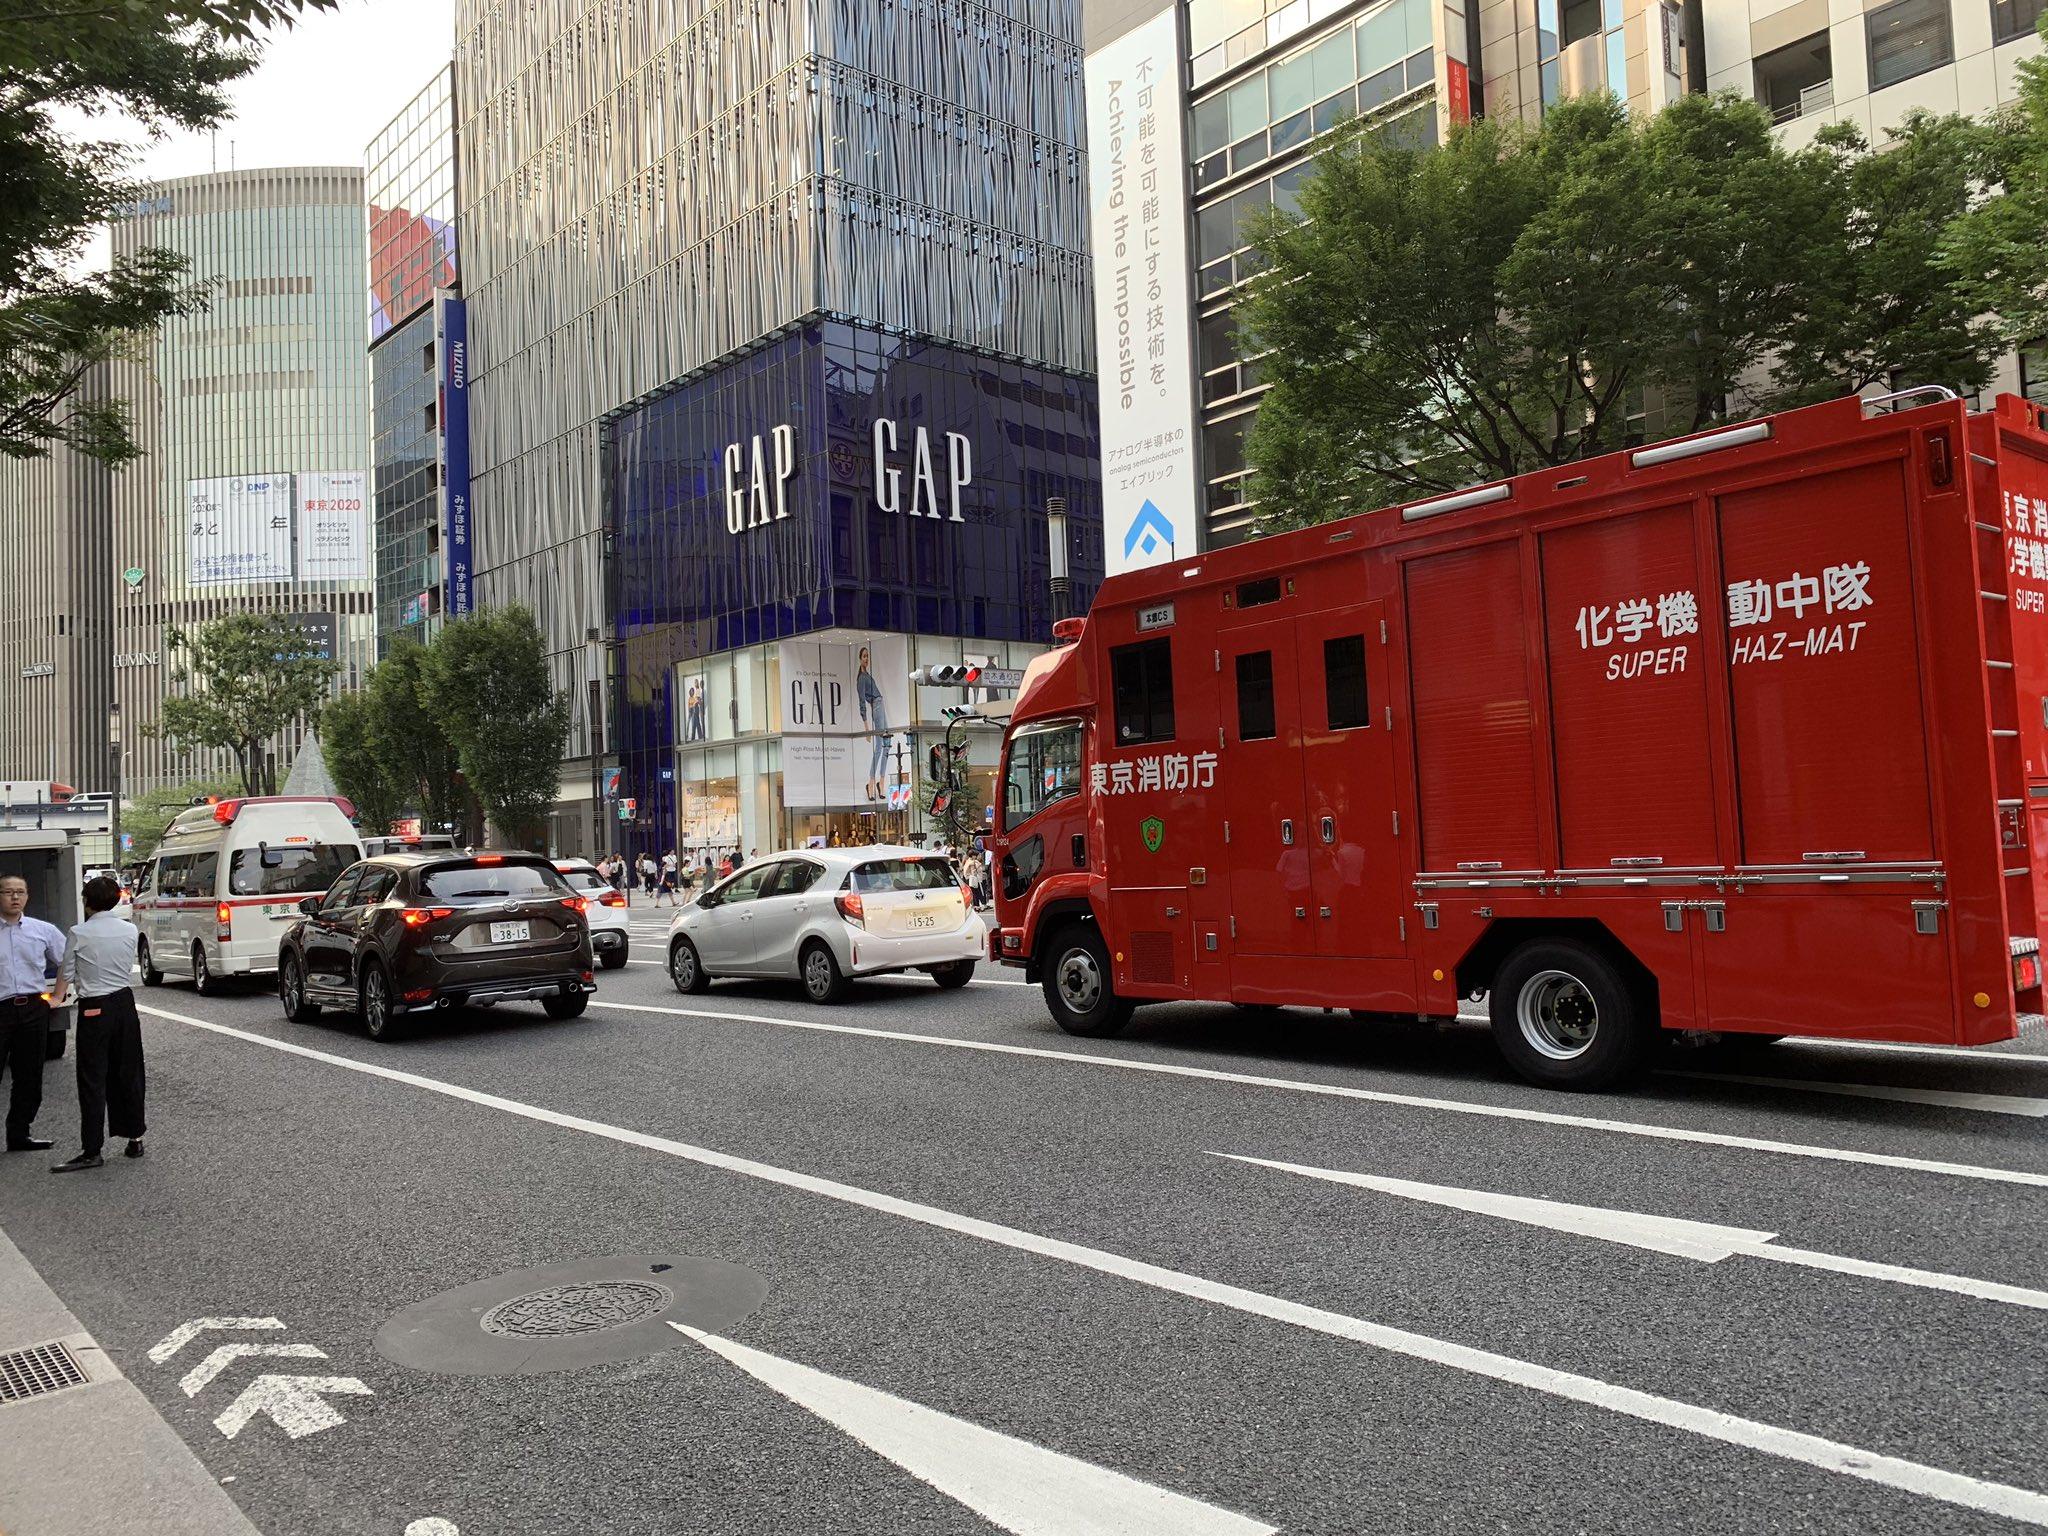 銀座で異臭騒ぎが起き消防隊が駆けつけている現場の画像